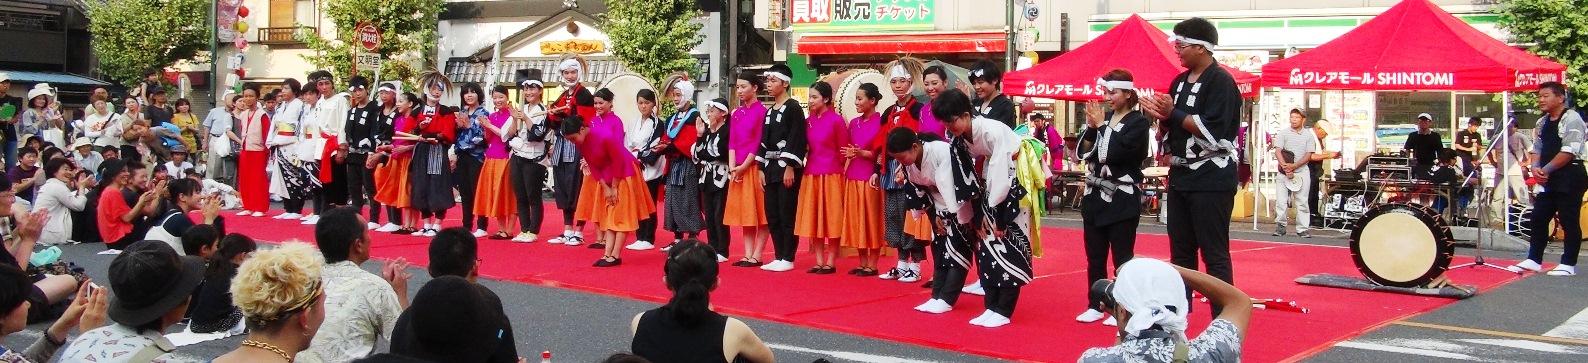 20120729kawagoekouen0893